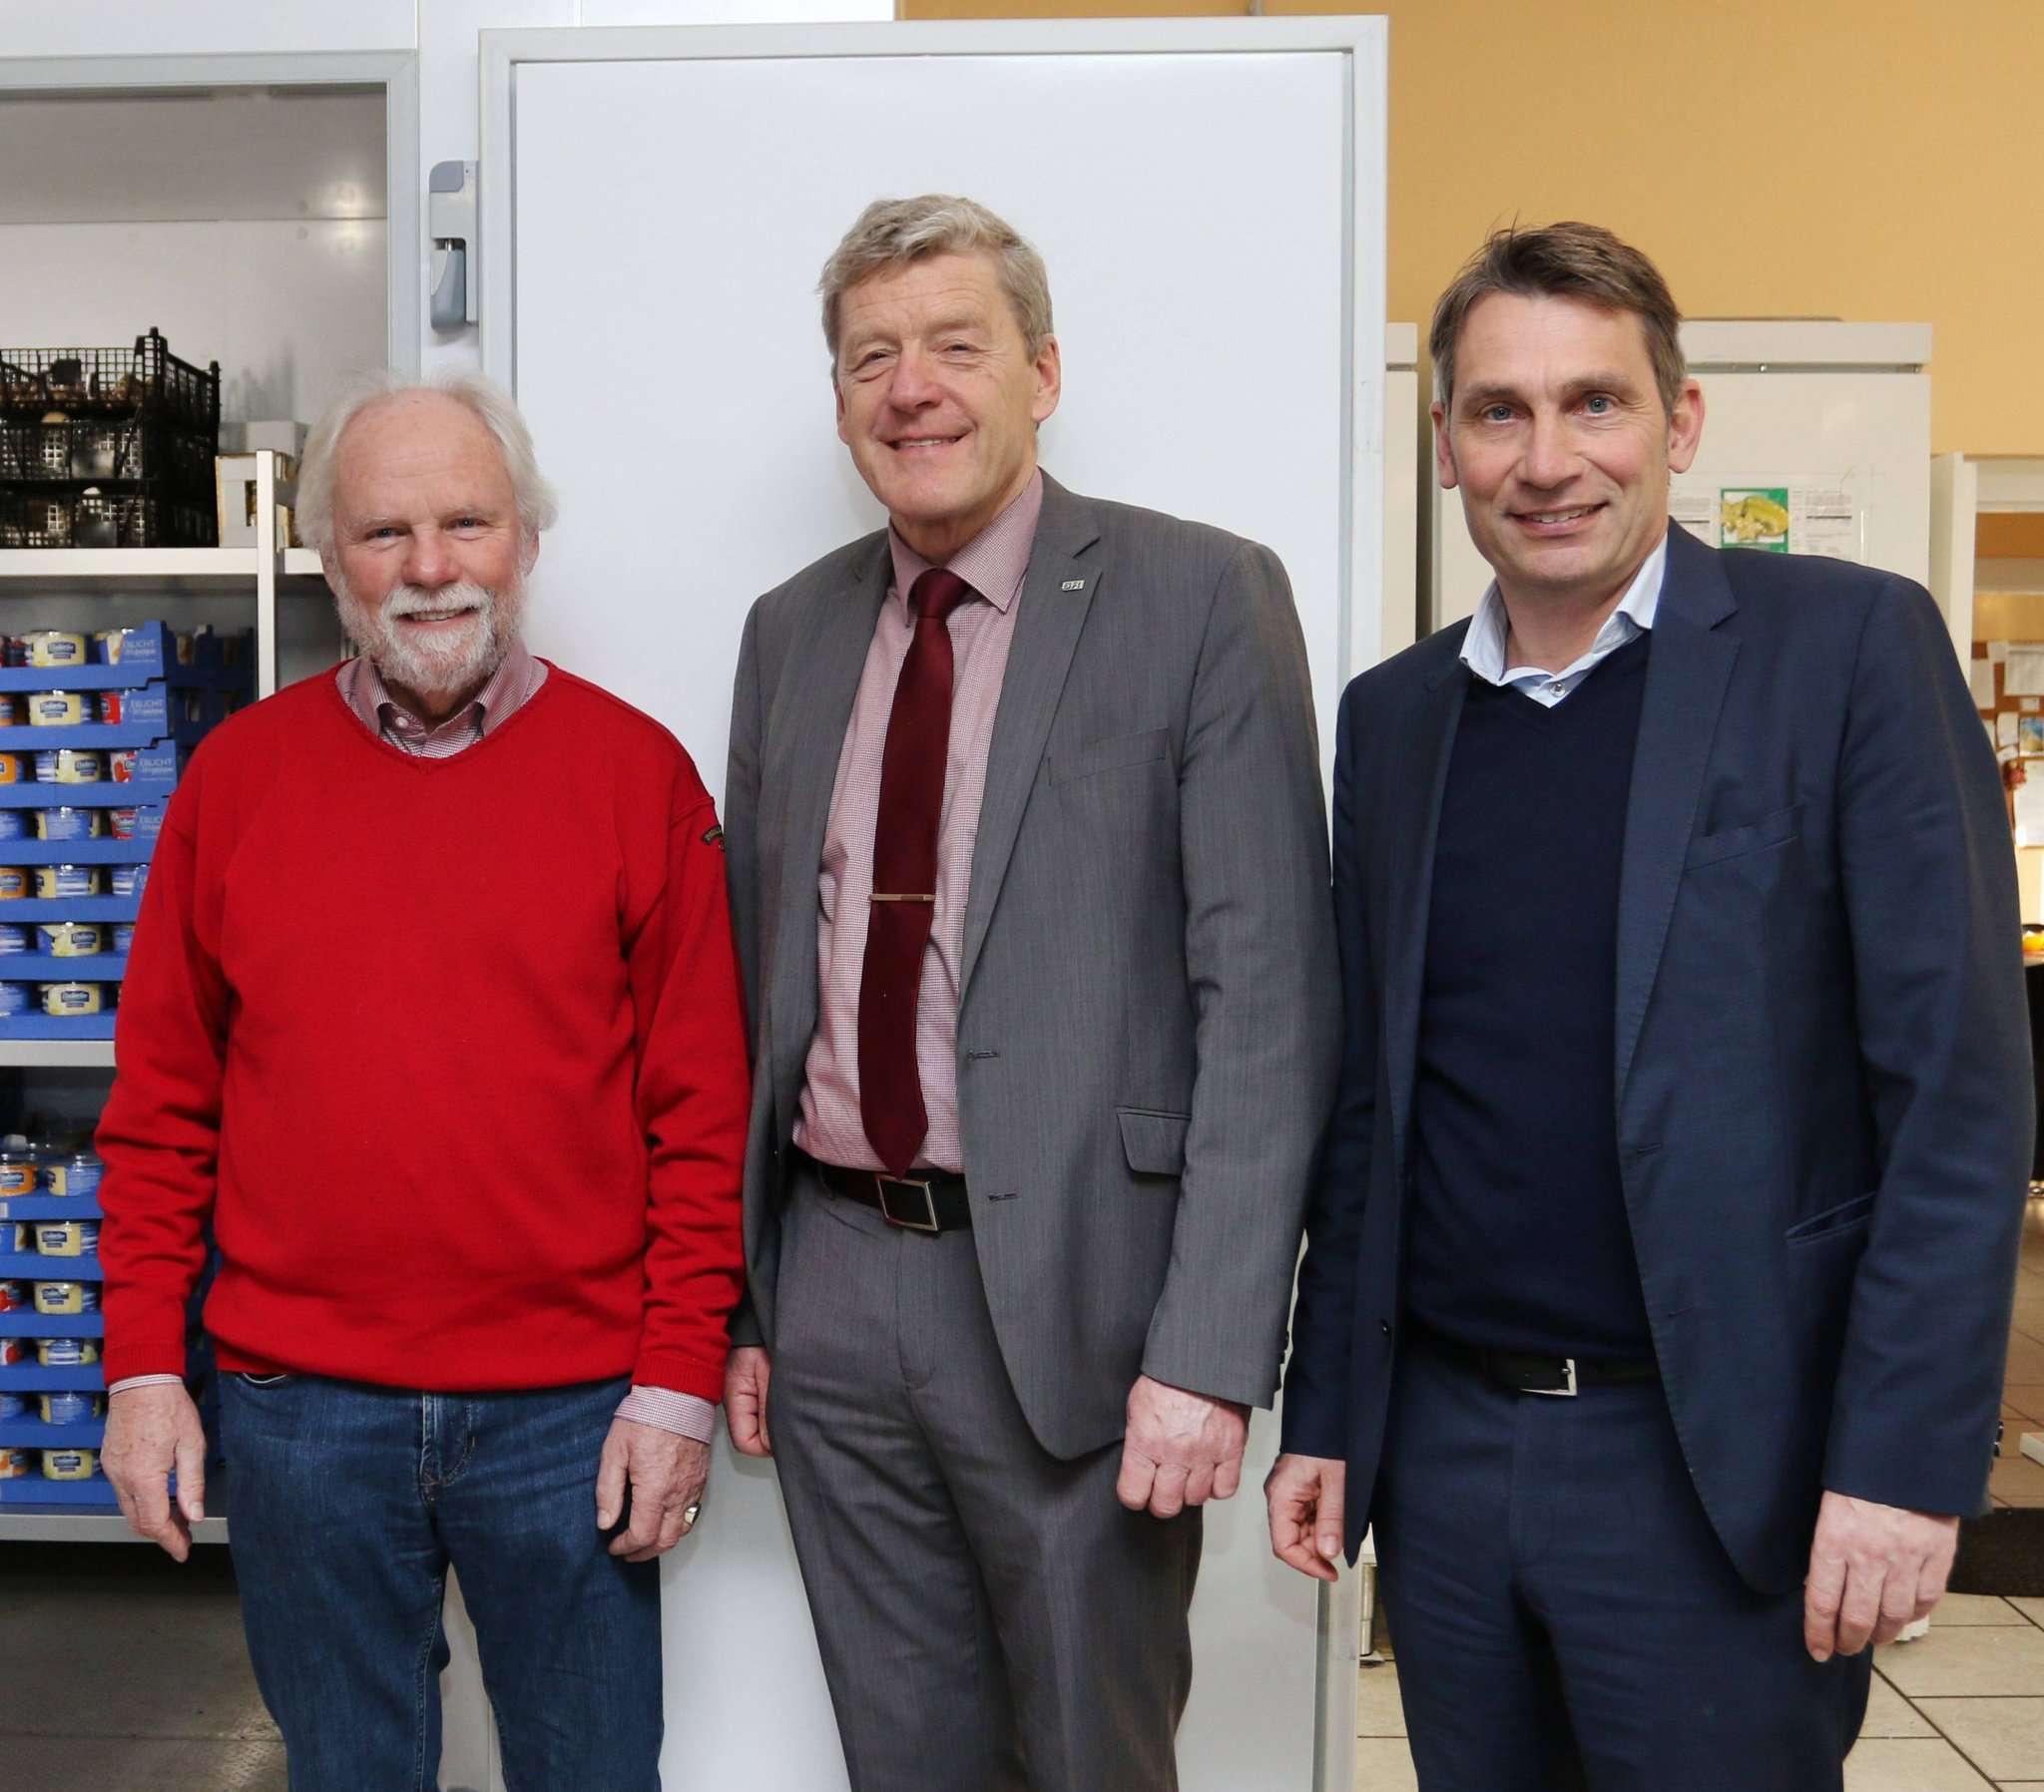 Hero Feenders (von links), Rotenburger Tafel, bedankt sich bei Reinhard David, Stadtwerke Rotenburg und Marcel Meggeneder von den Stadtwerken Zeven.